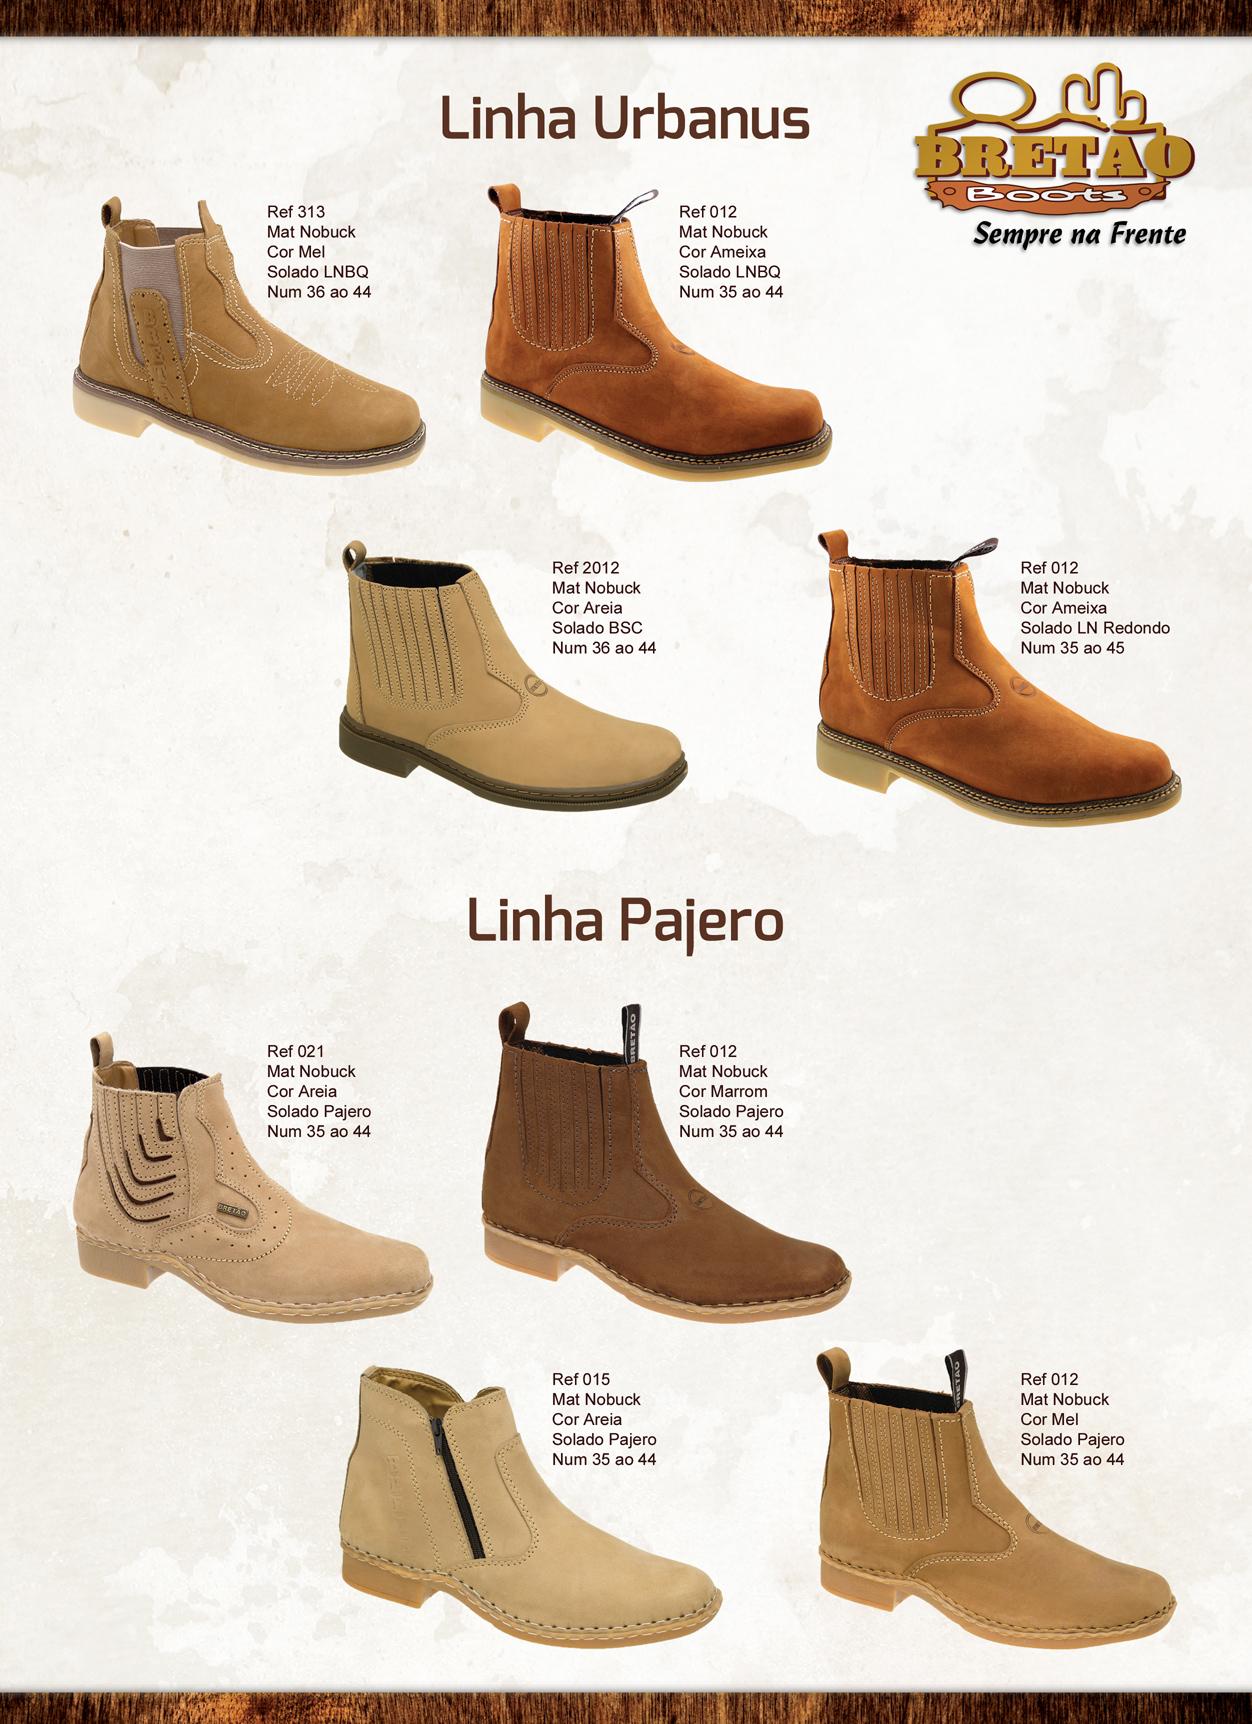 Bretão Boots - Catálogo de Produtos 2015 be045a2e76